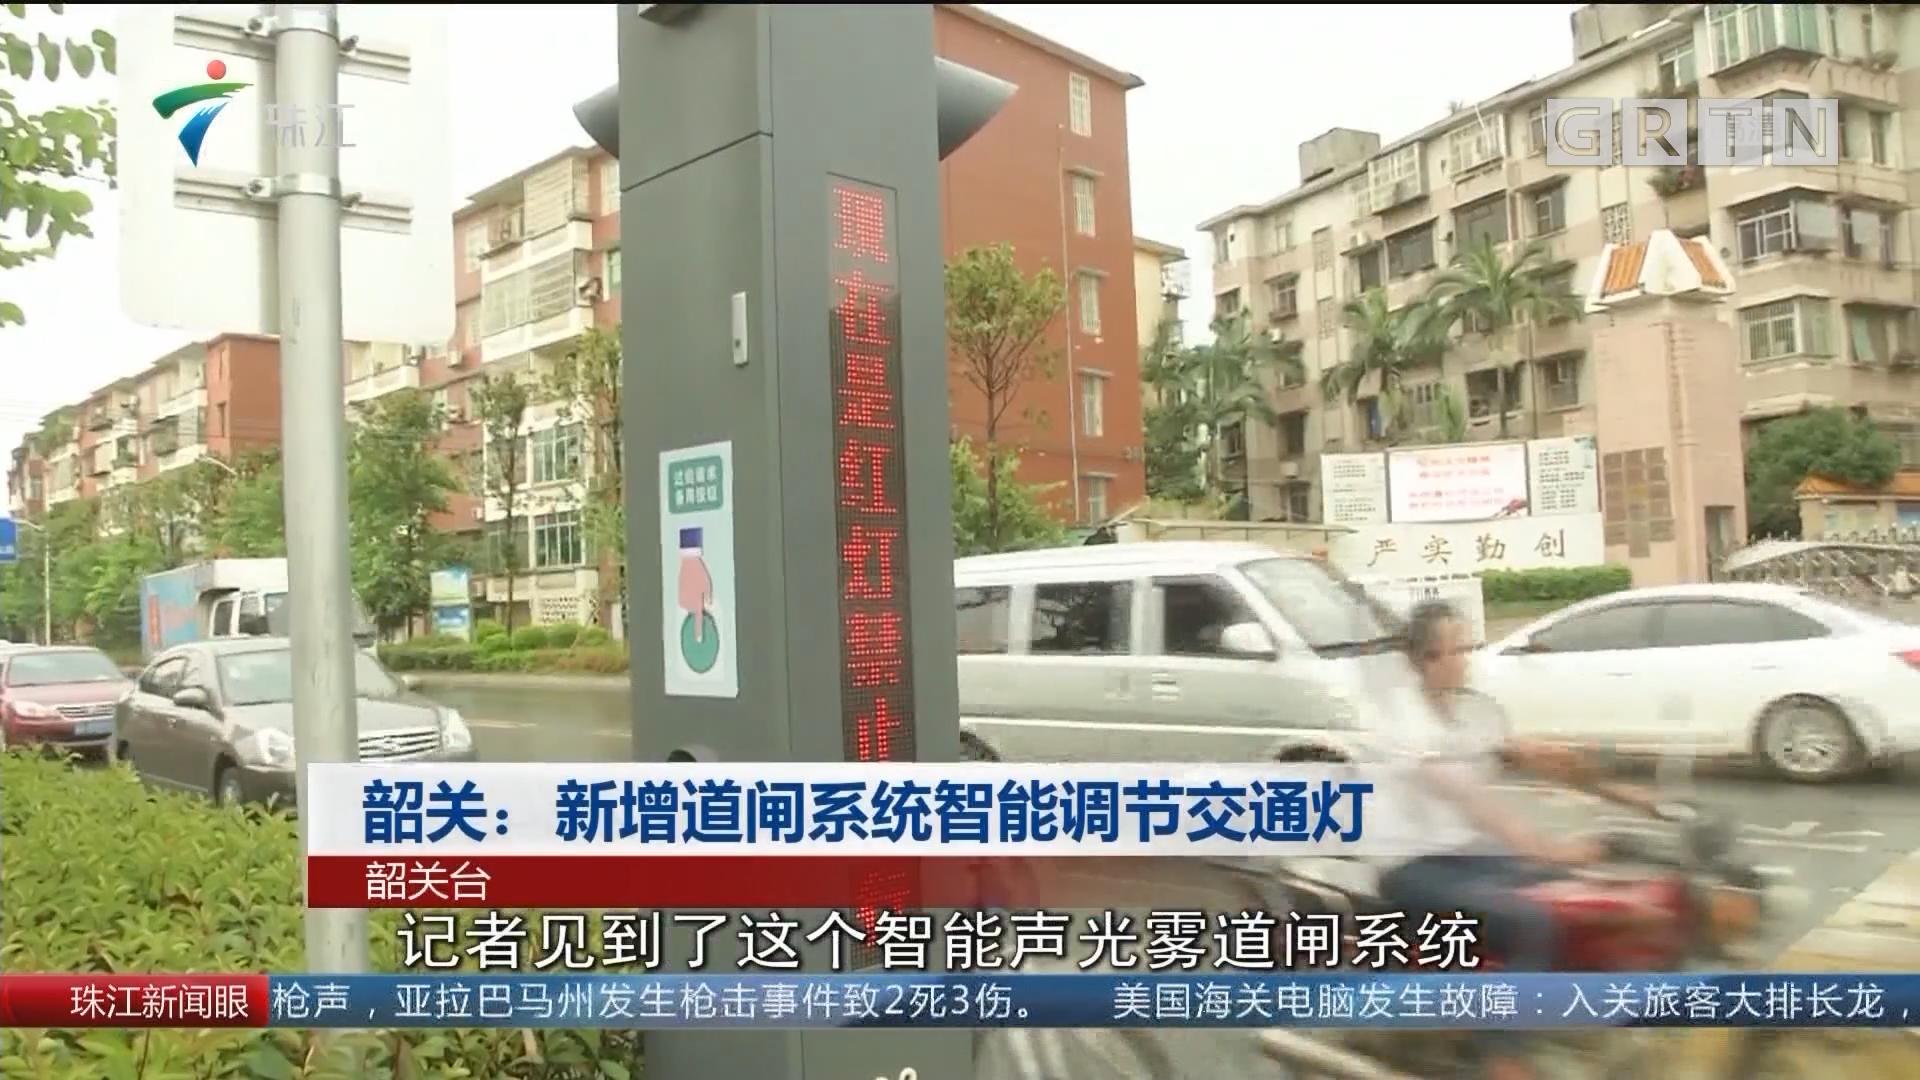 韶关:新增道闸系统智能调节交通灯